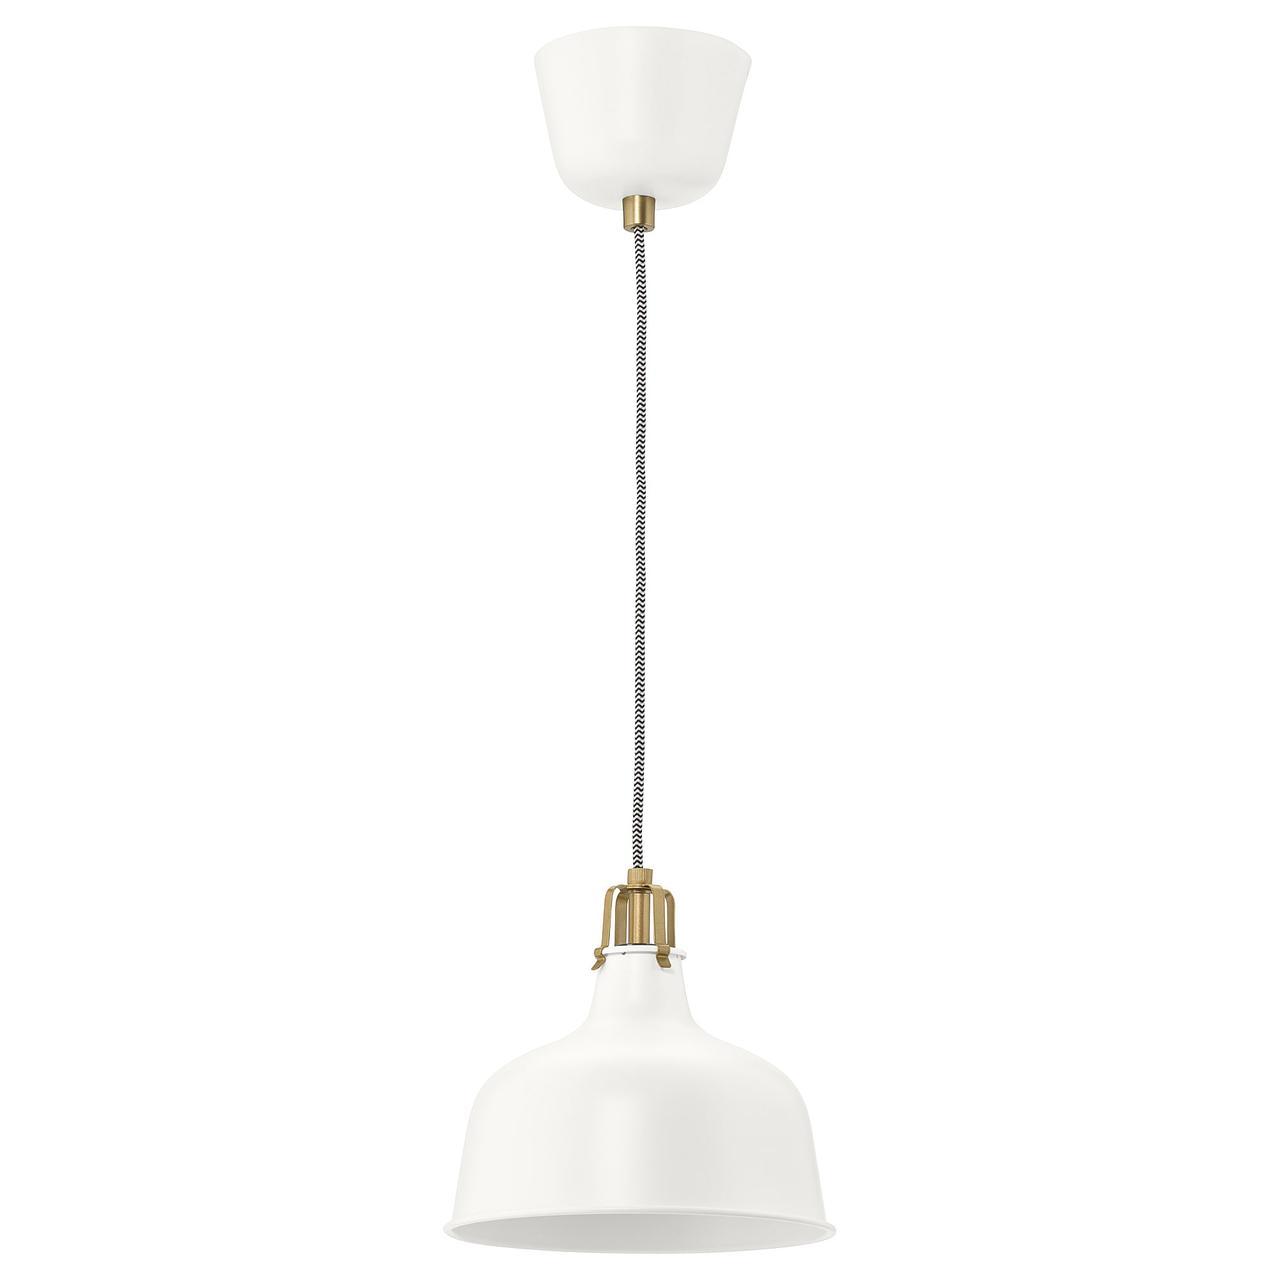 РАНАРП Подвесной светильник, белый с оттенком